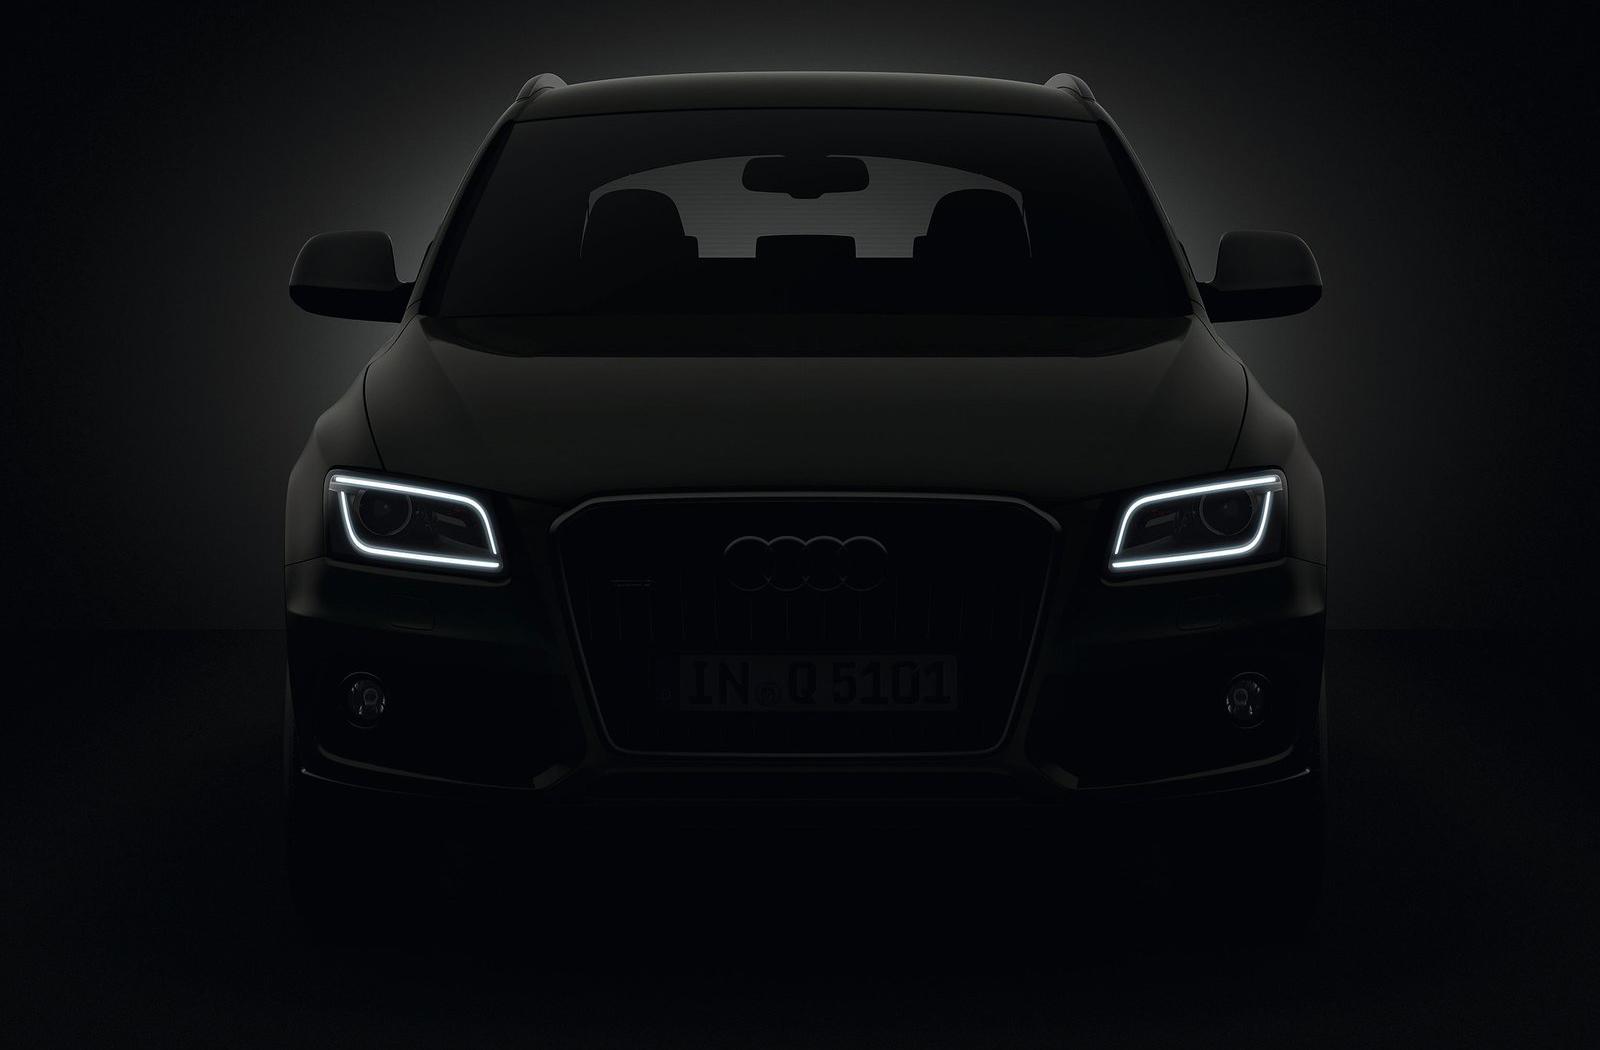 2013 Audi Q5 LED Headlights